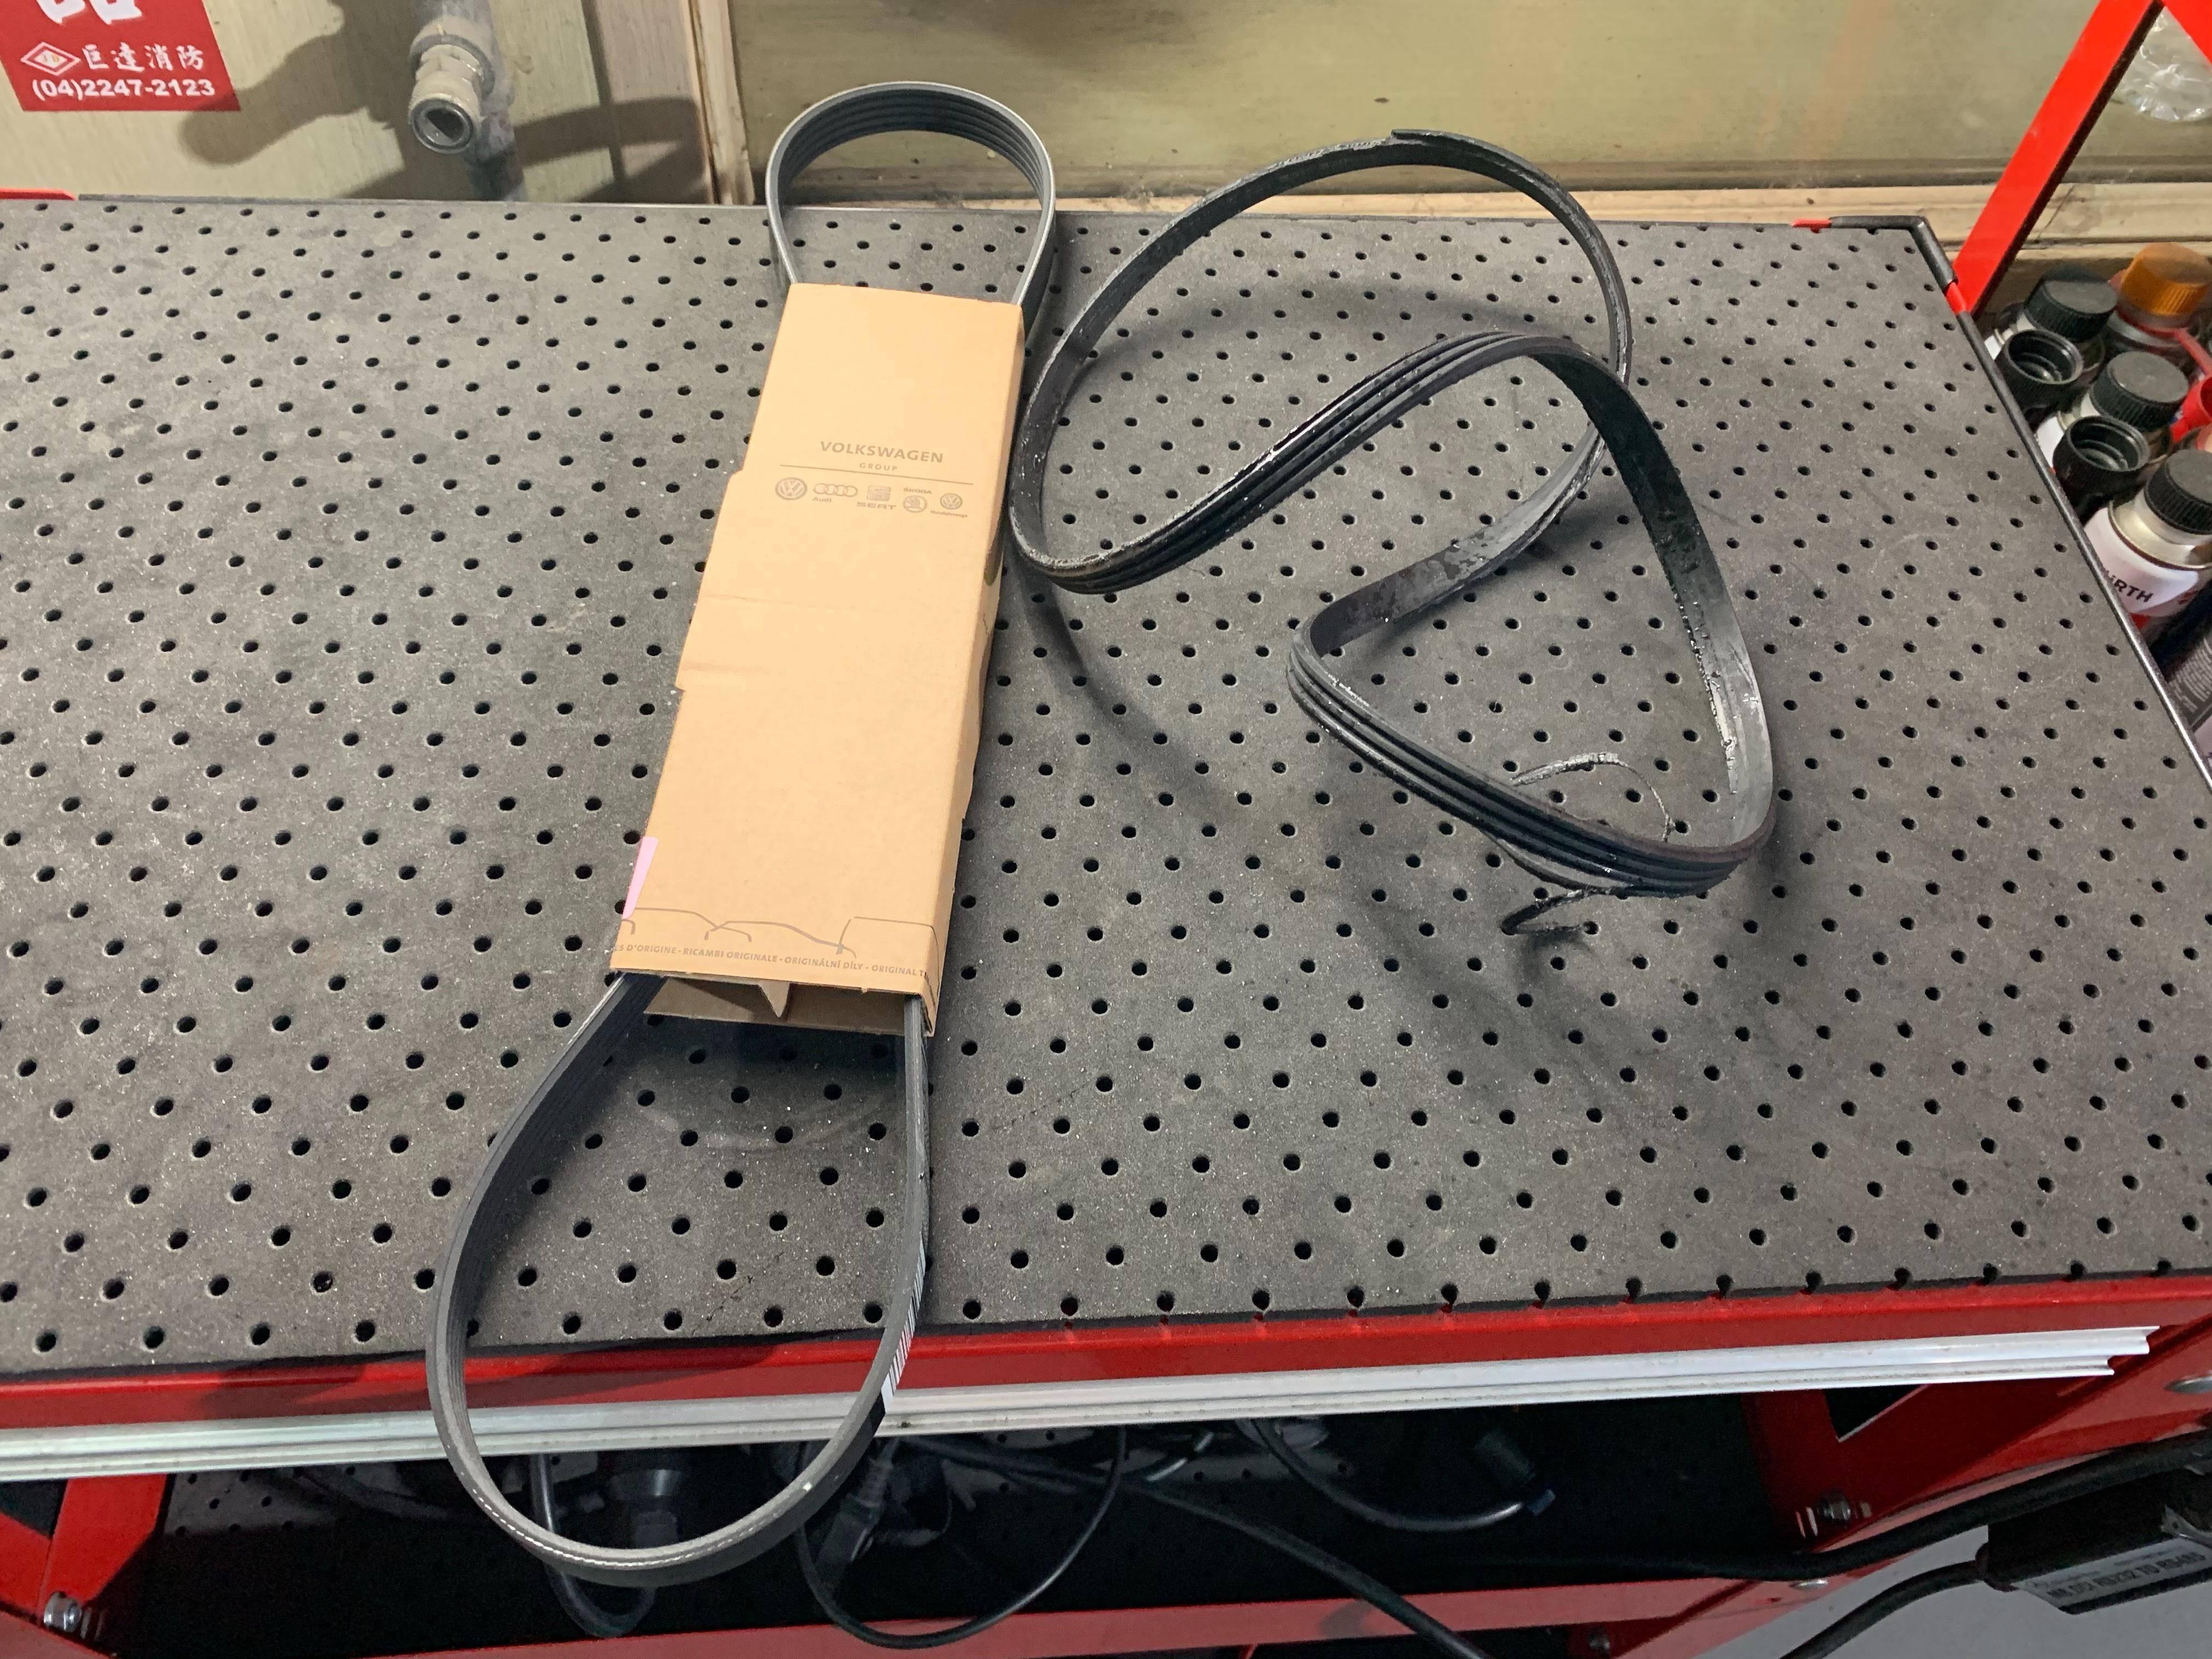 【振傑汽車】奧迪/AUDI A8 發電機故障#皮帶損壞#軸承卡死#水管老化#儀表亮燈